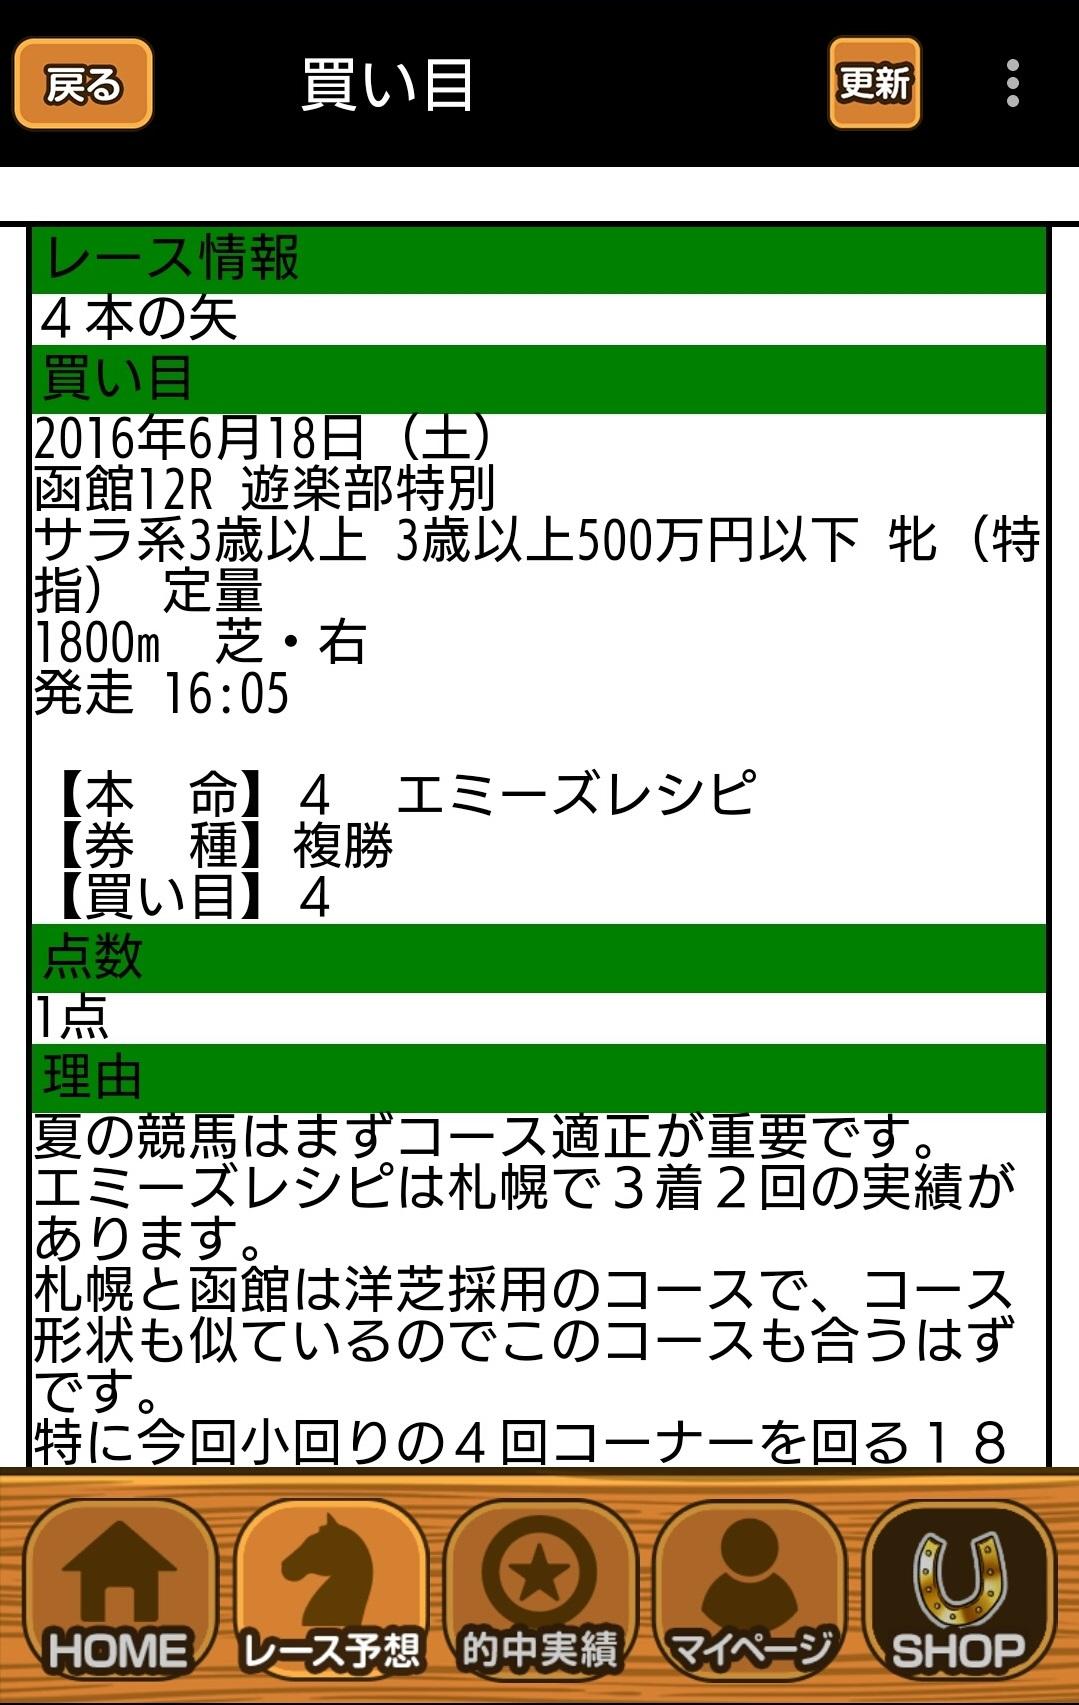 函館12R アタルくん